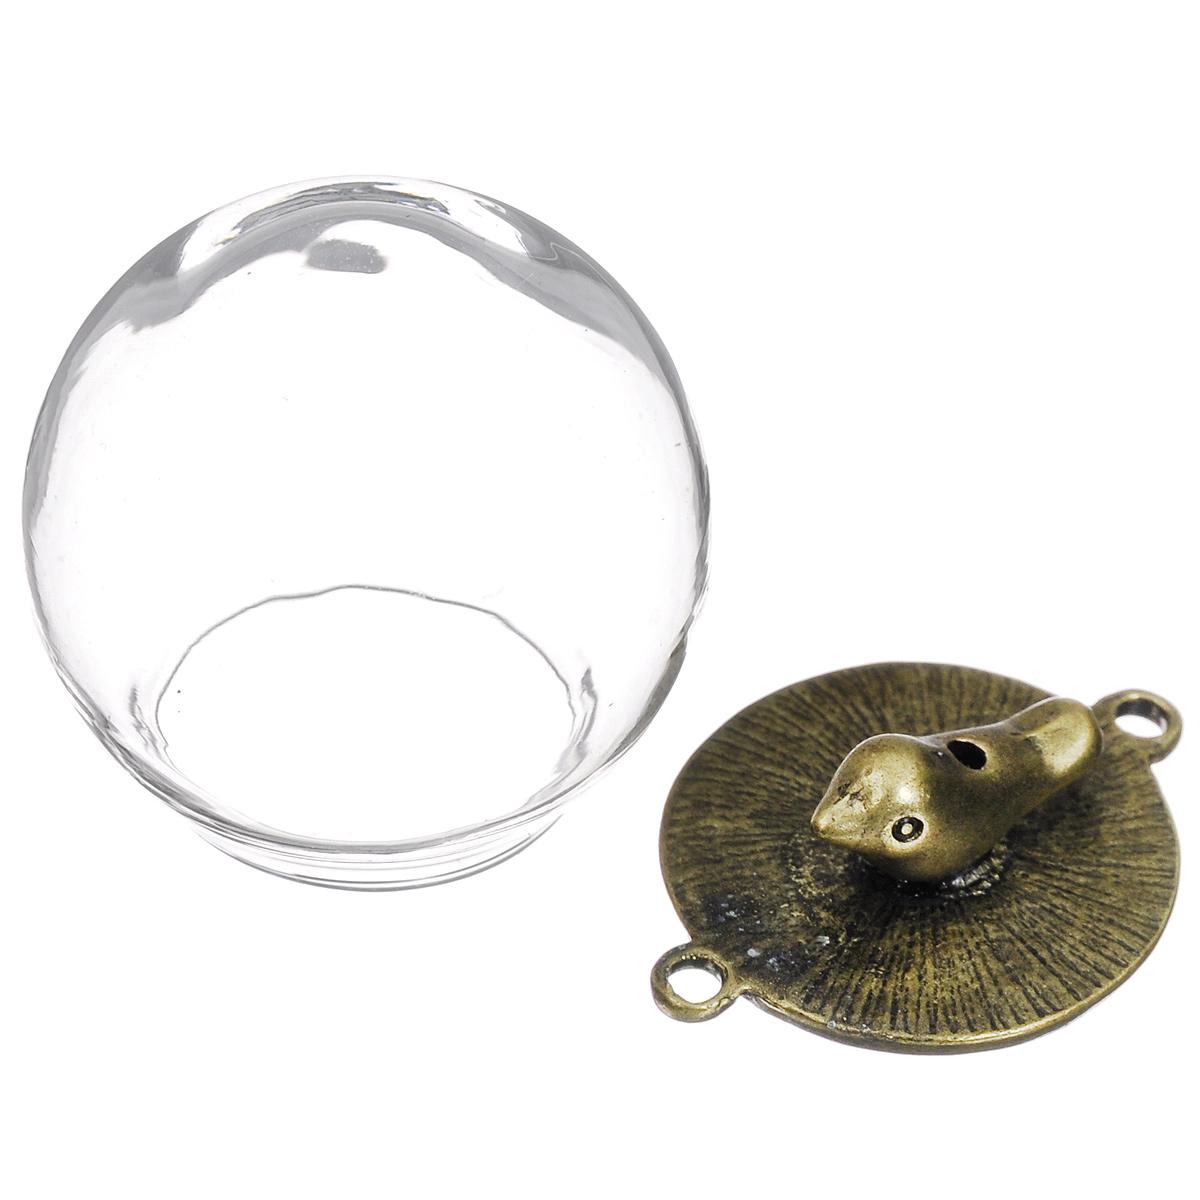 Кулон стеклянный ScrapBerrys Шар, с фигуркой птички, диаметр 30 ммSCB24001017Стеклянный кулон ScrapBerrys - это украшение, состоящее из ажурной металлической основы, оформленной фигуркой птички, и стеклянного колпачка в форме шара. Основа имеет две петельки. Колпачок можно использовать как оригинальный декор, как основу для бижутерии, для создания оригинальных флористических композиций, панно, кукольных миниатюр, в качестве мини шэдоу-бокса и еще множеством способом. Внутрь можно поместить цветы, бусины, стразы и многое другое. Изделия ScrapBerrys помогут воплотить вашу творческую задумку и создать оригинальные неповторимые украшения. Диаметр основы: 20 мм. Диаметр шара: 30 мм.